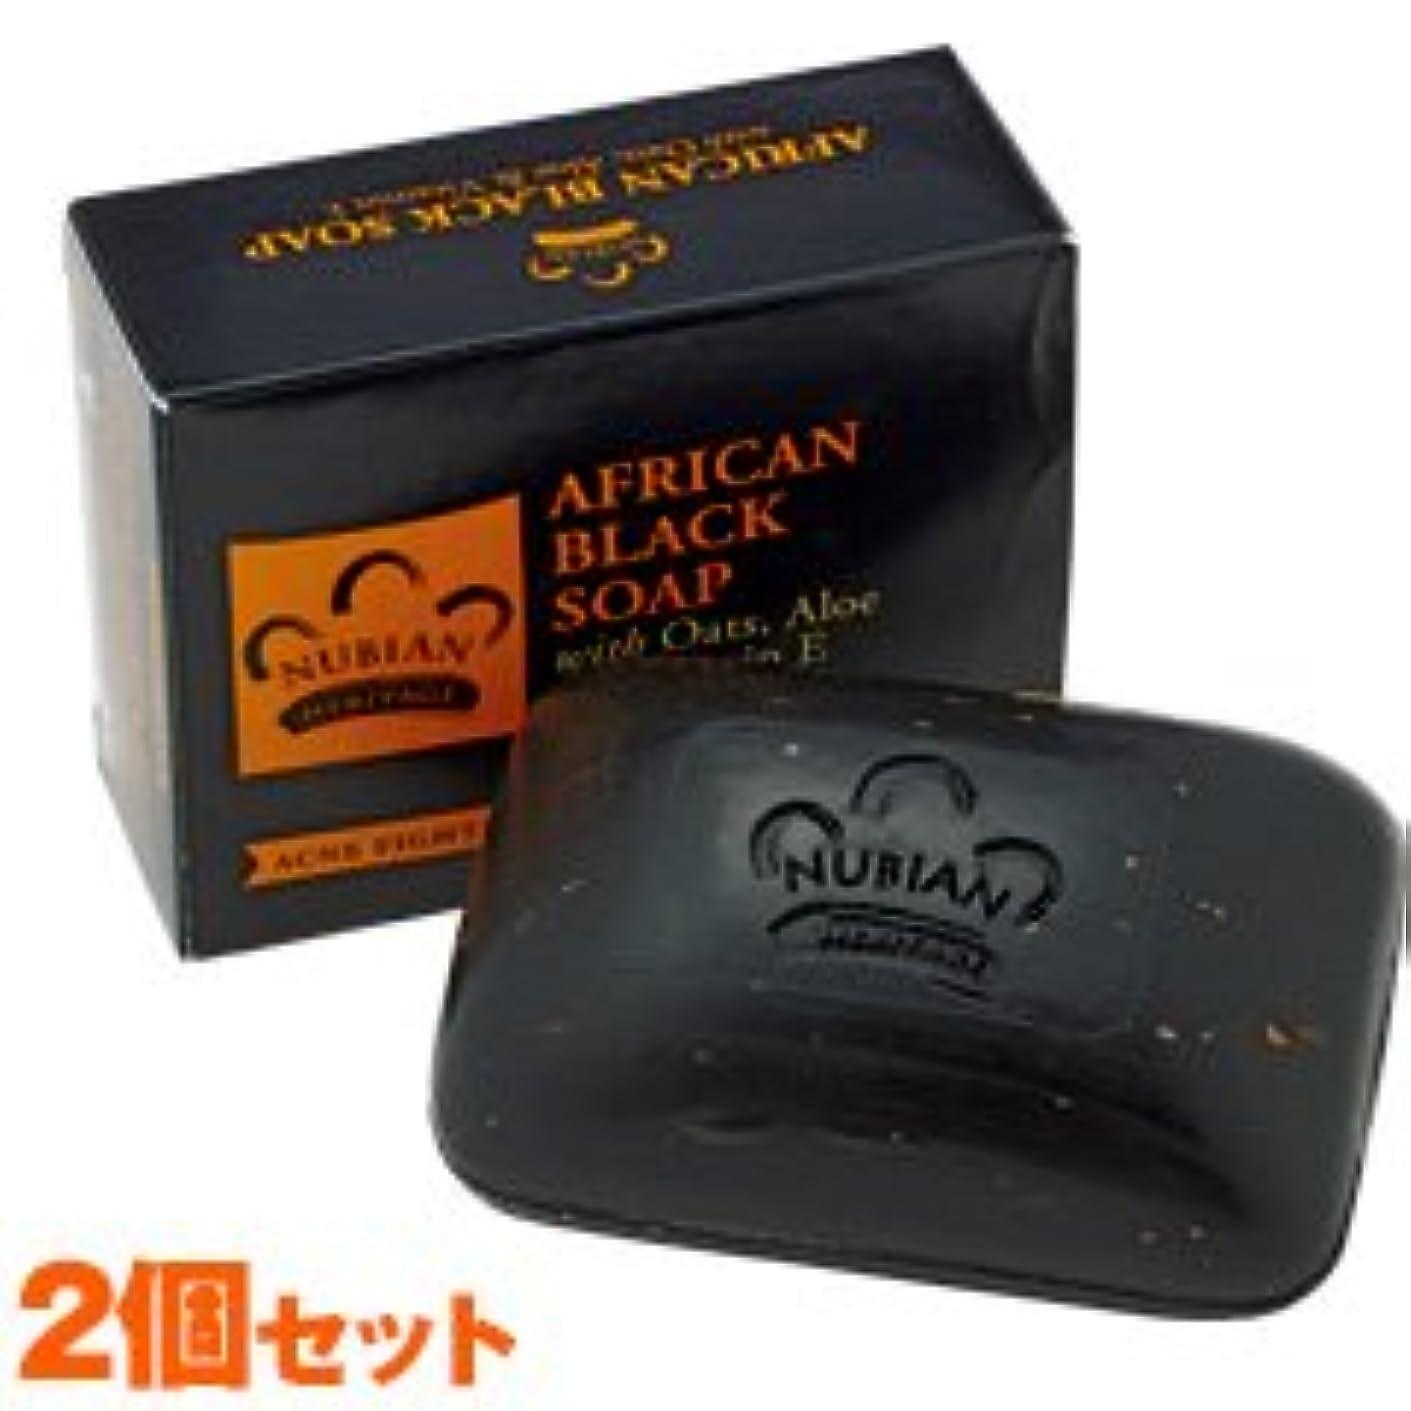 テープ太鼓腹奇跡的なヌビアン ヘリテージ(NUBIAN HERITAGE)アフリカン ブラック ソープバー 2個セット 141gX2[並行輸入品][海外直送品]